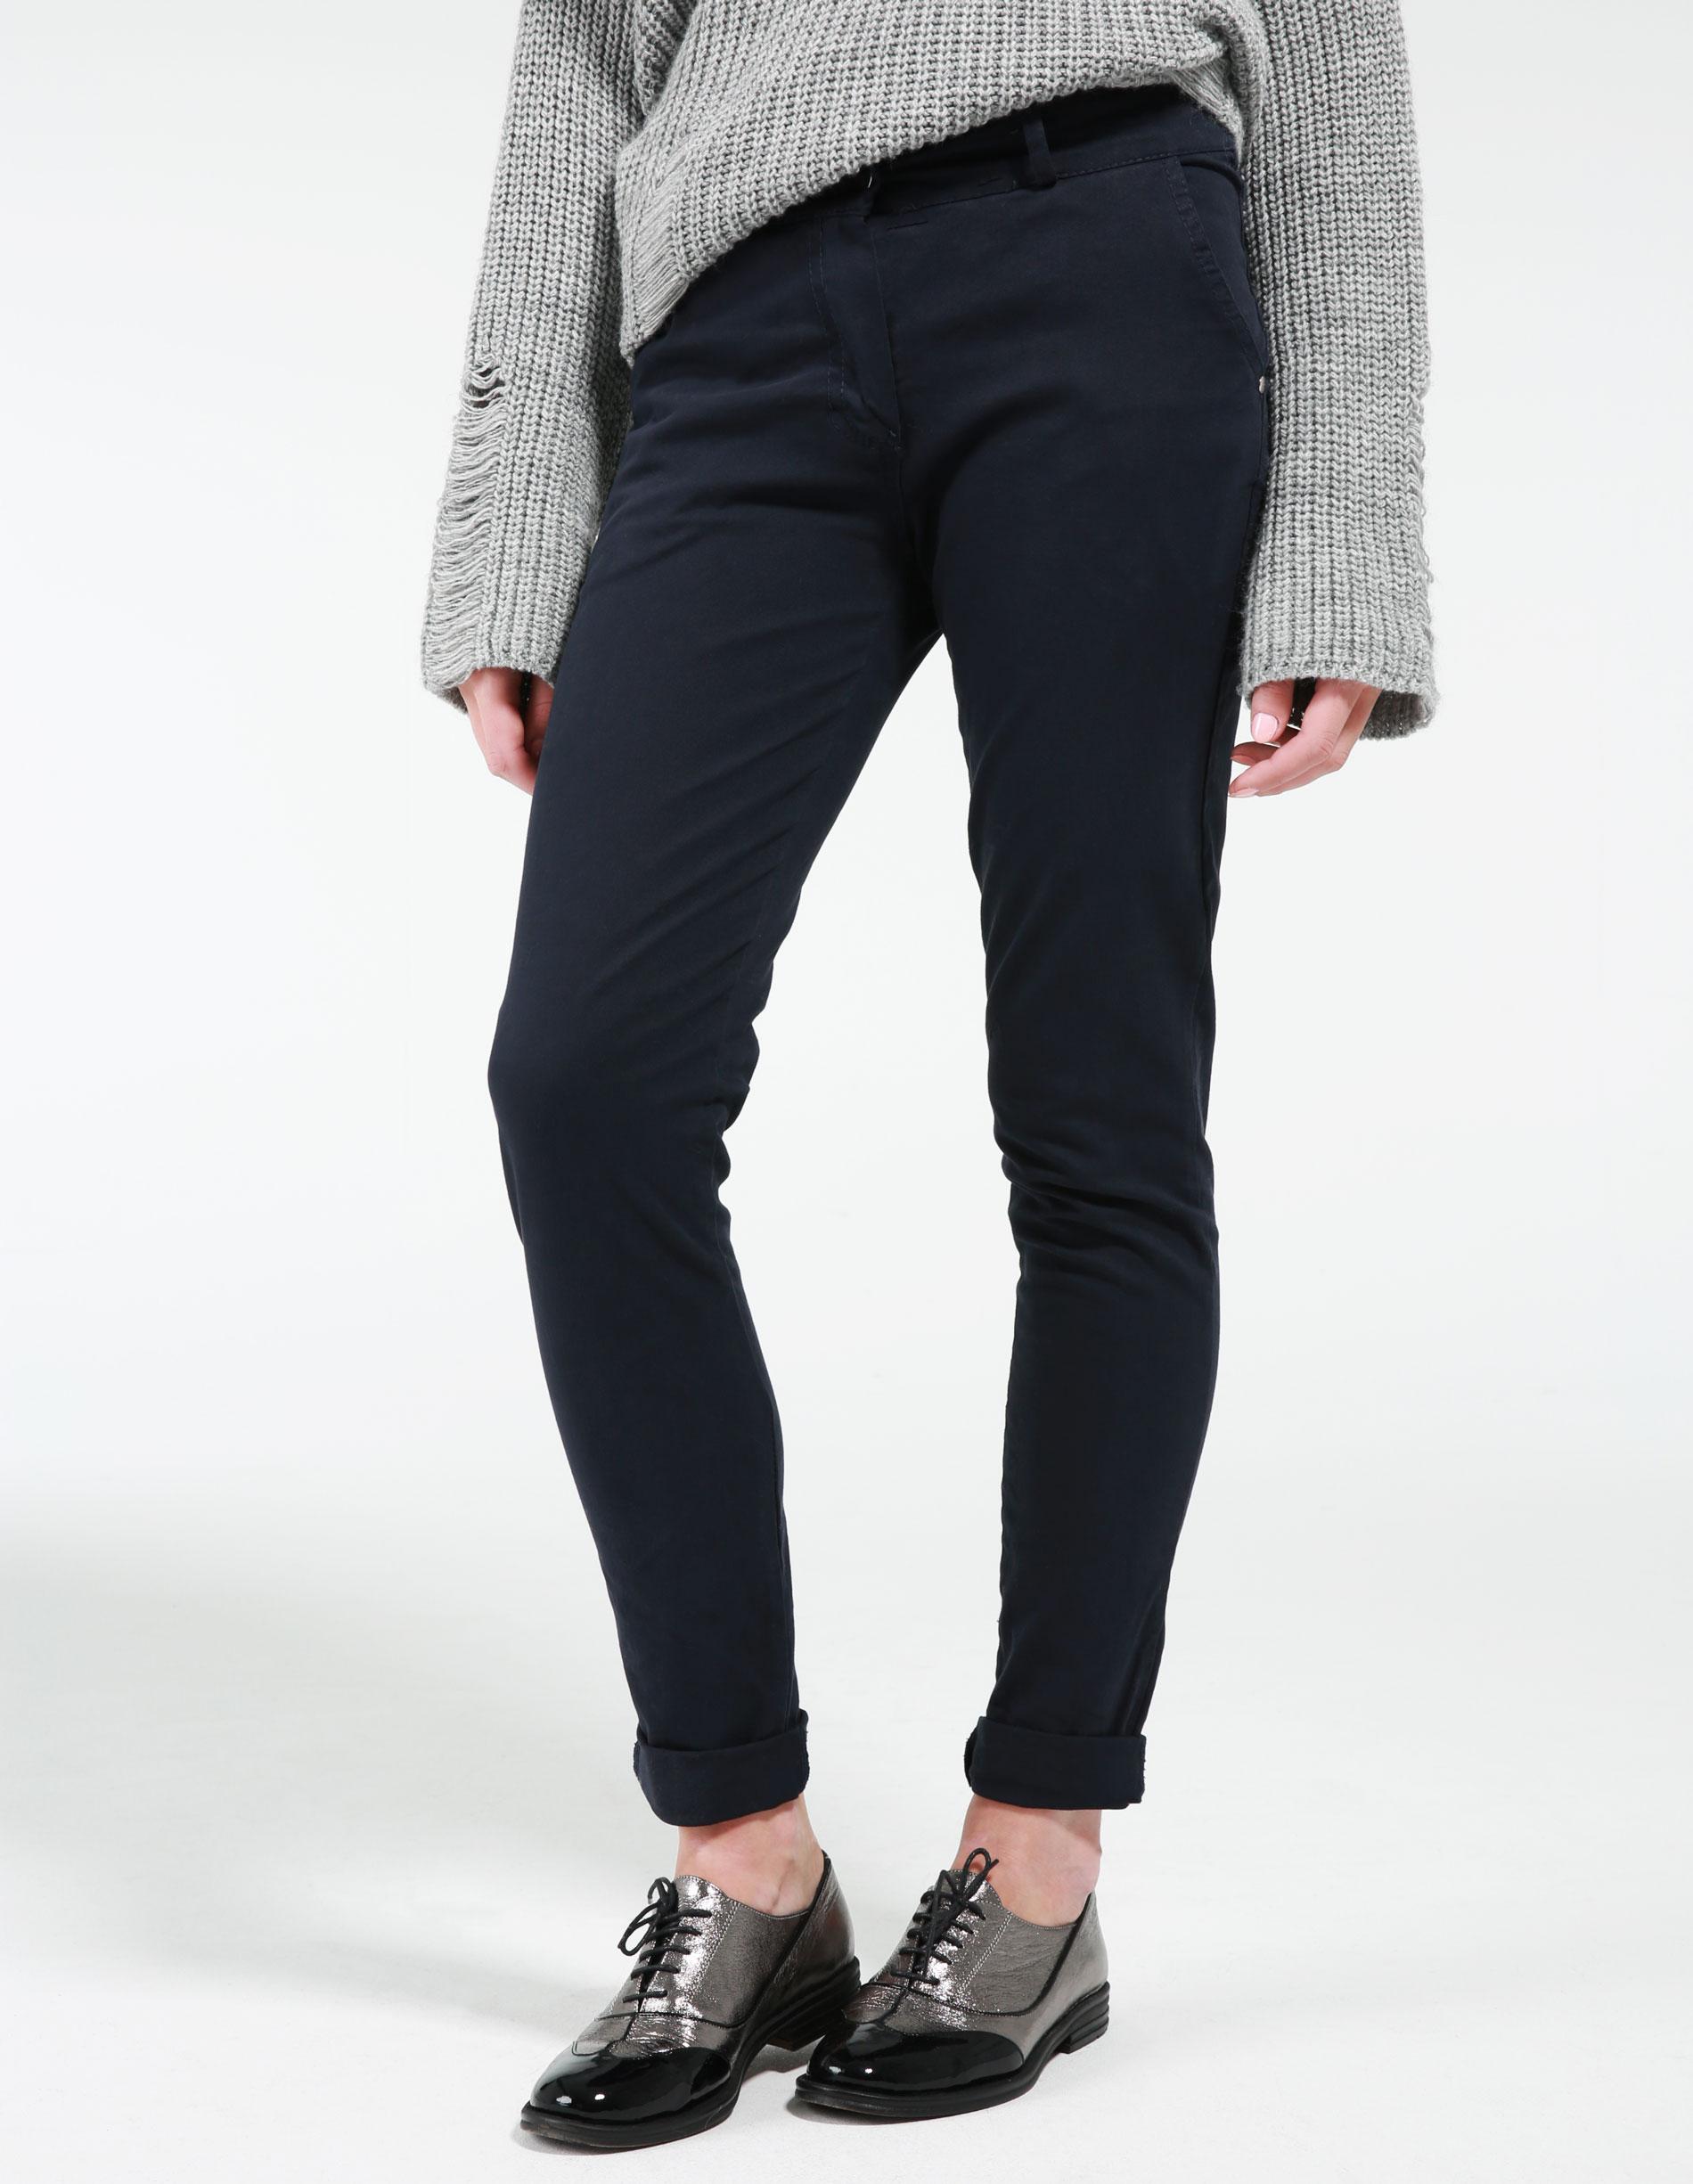 Spodnie - 10-2886 BL SC - Unisono